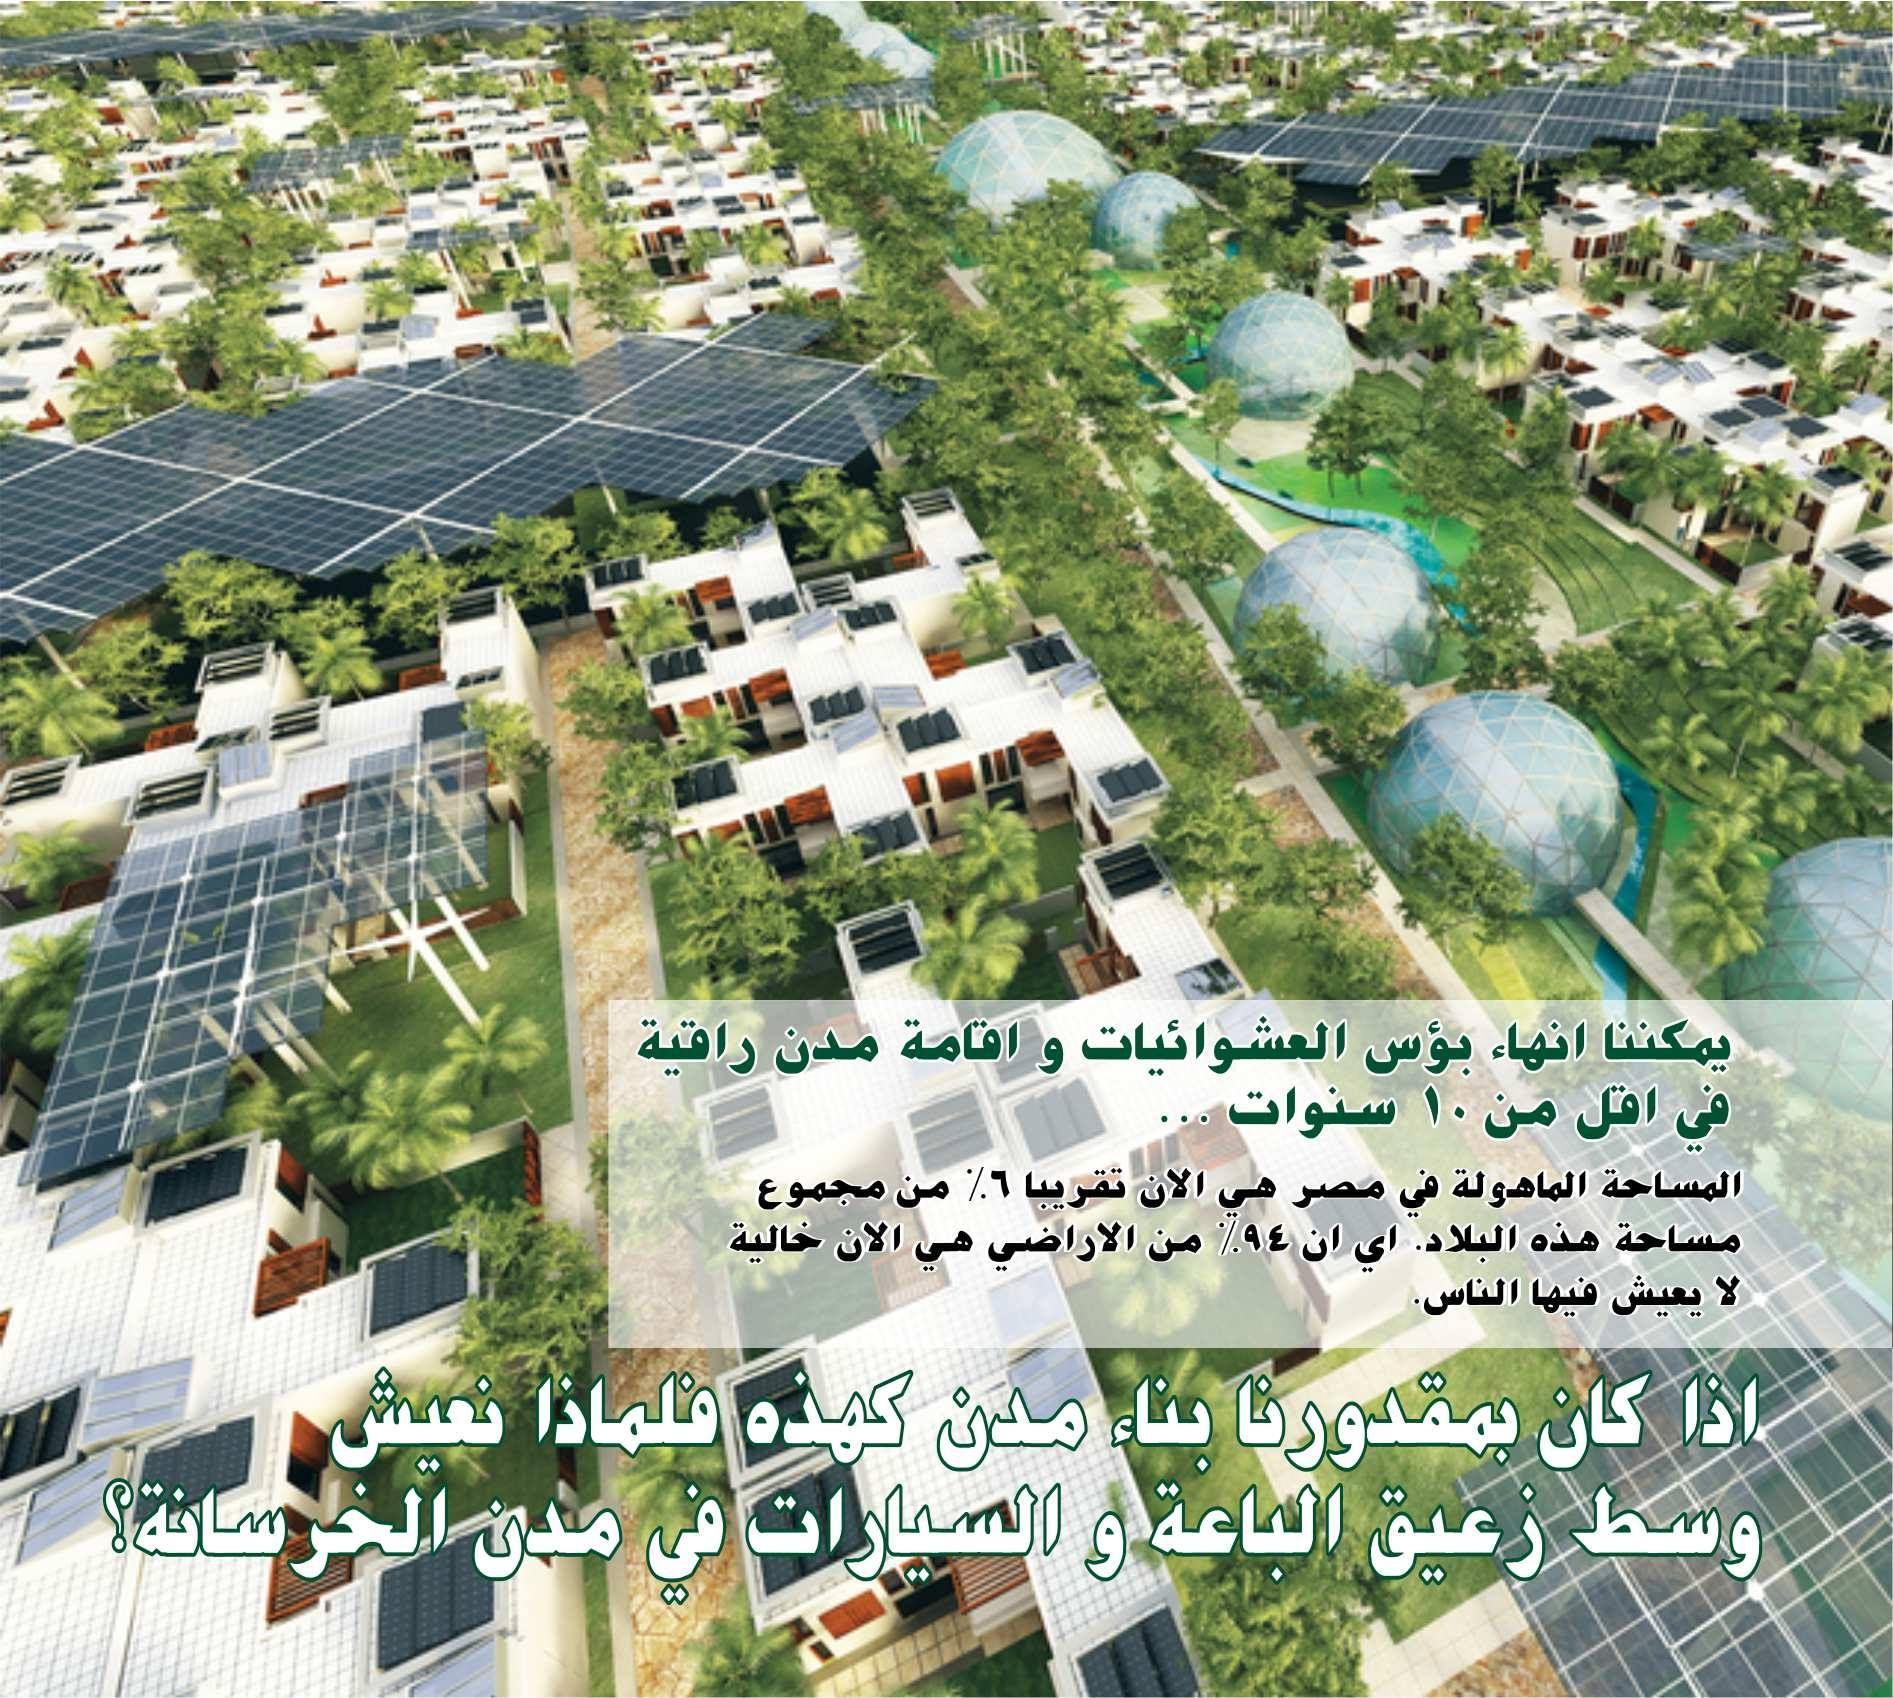 يمكننا الان بناء مدن كاملة تتمتع بالاكتفاء الذاتي في الطاقة النظيفة و المنتوجات الزراعية بصورة كاملة و بعمل بشري قليل جدا جدا City Aerial Photo